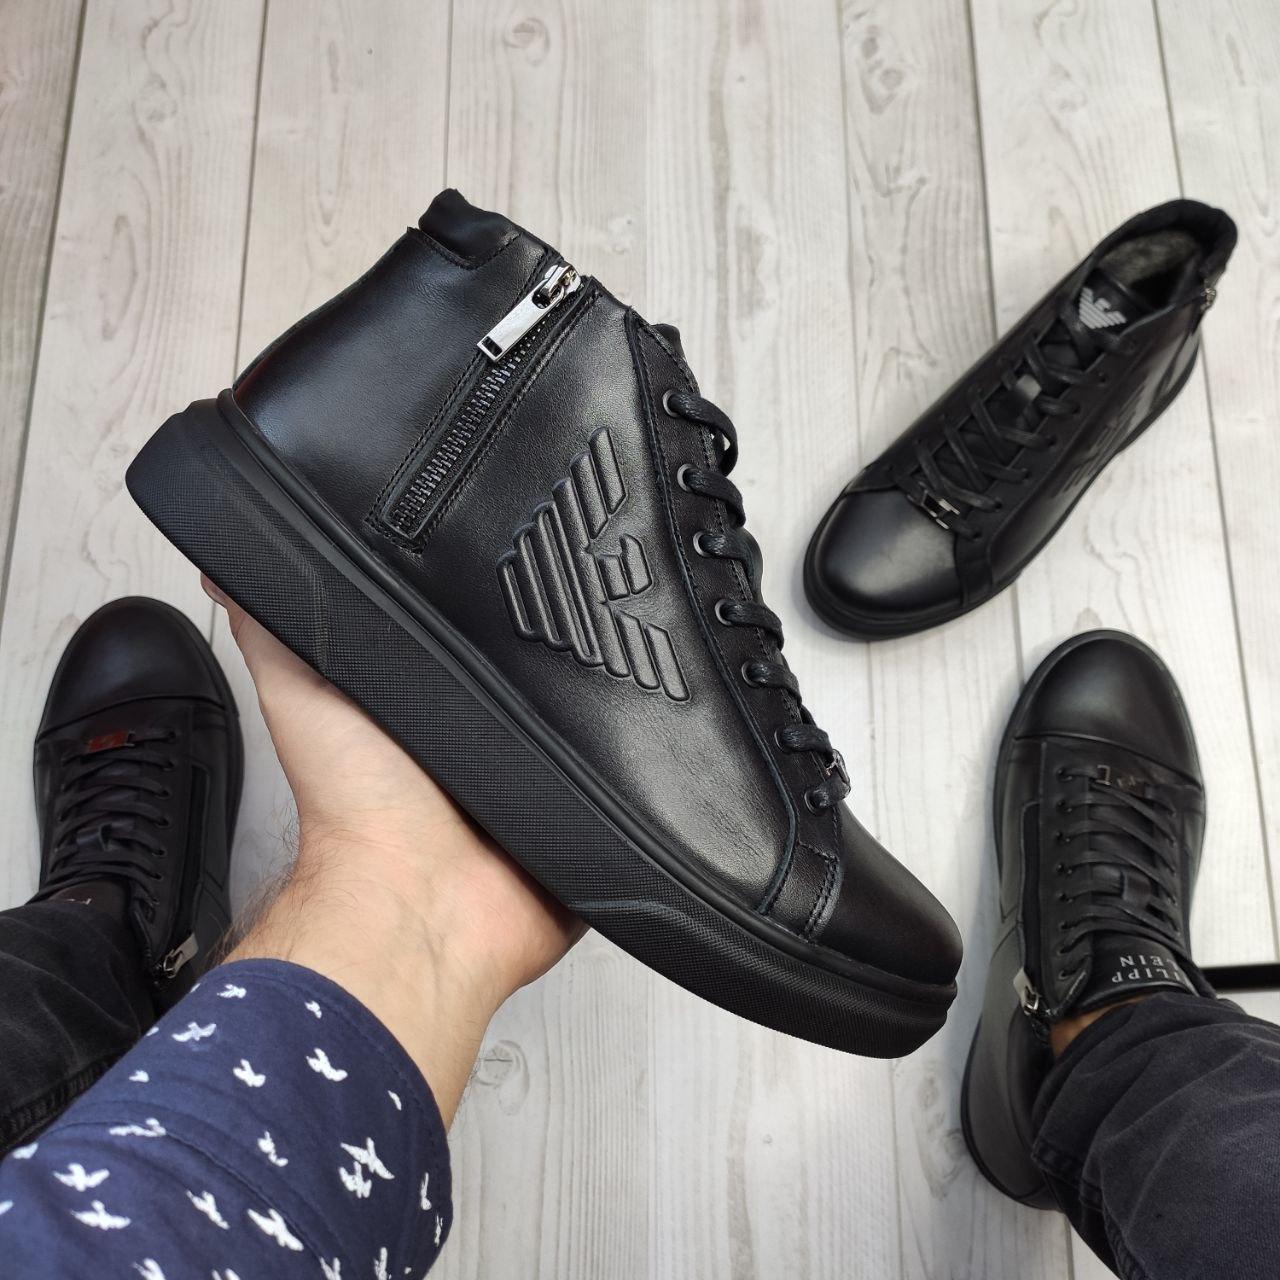 Мужские зимние ботинки на меху, черного цвета, натуральная замша, с мехом внутри, Армани Armani